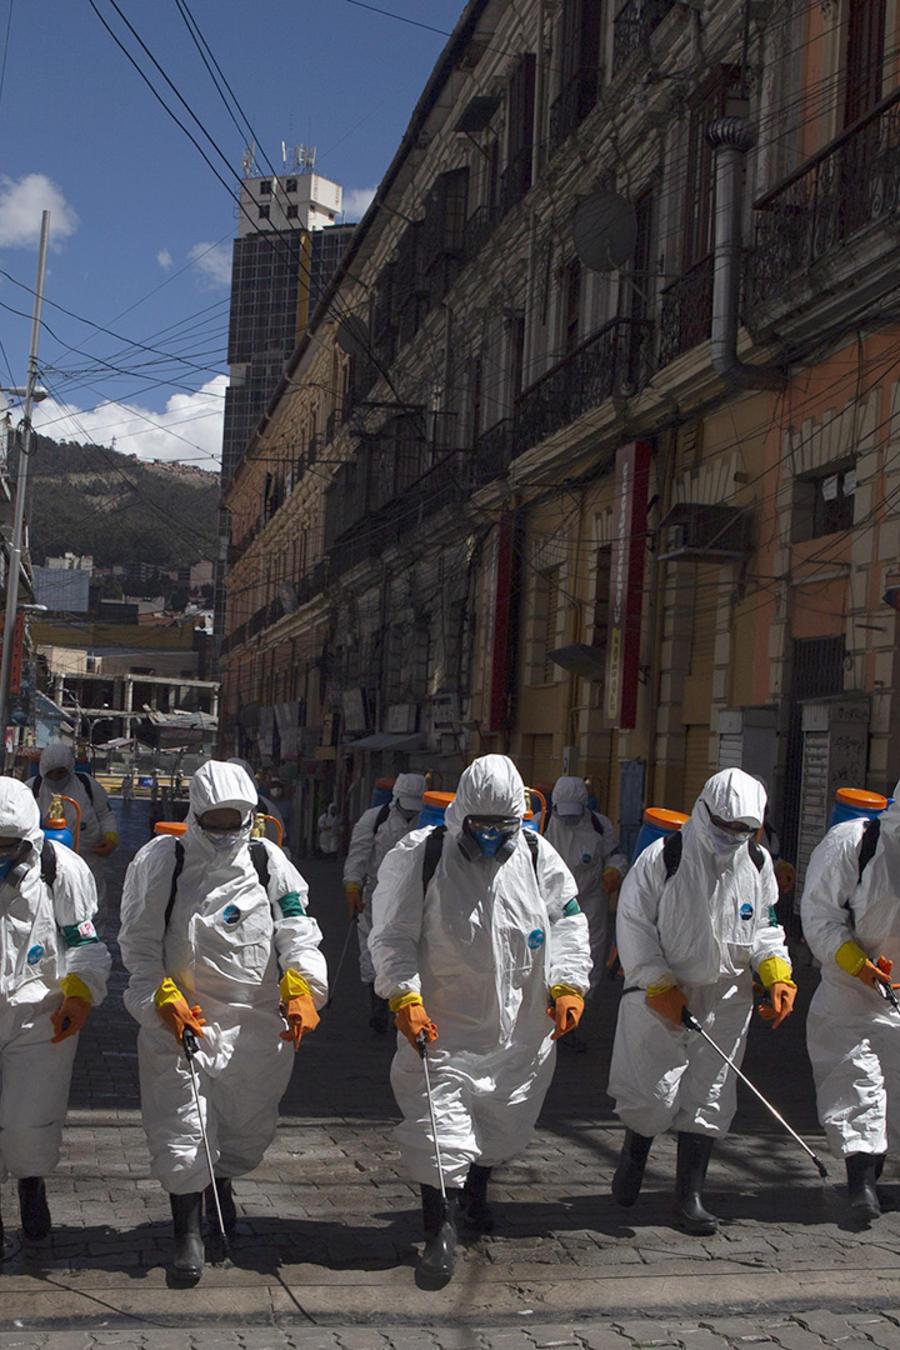 Un grupo de personas trabaja en la desinfección de calles en La Paz, Bolivia.